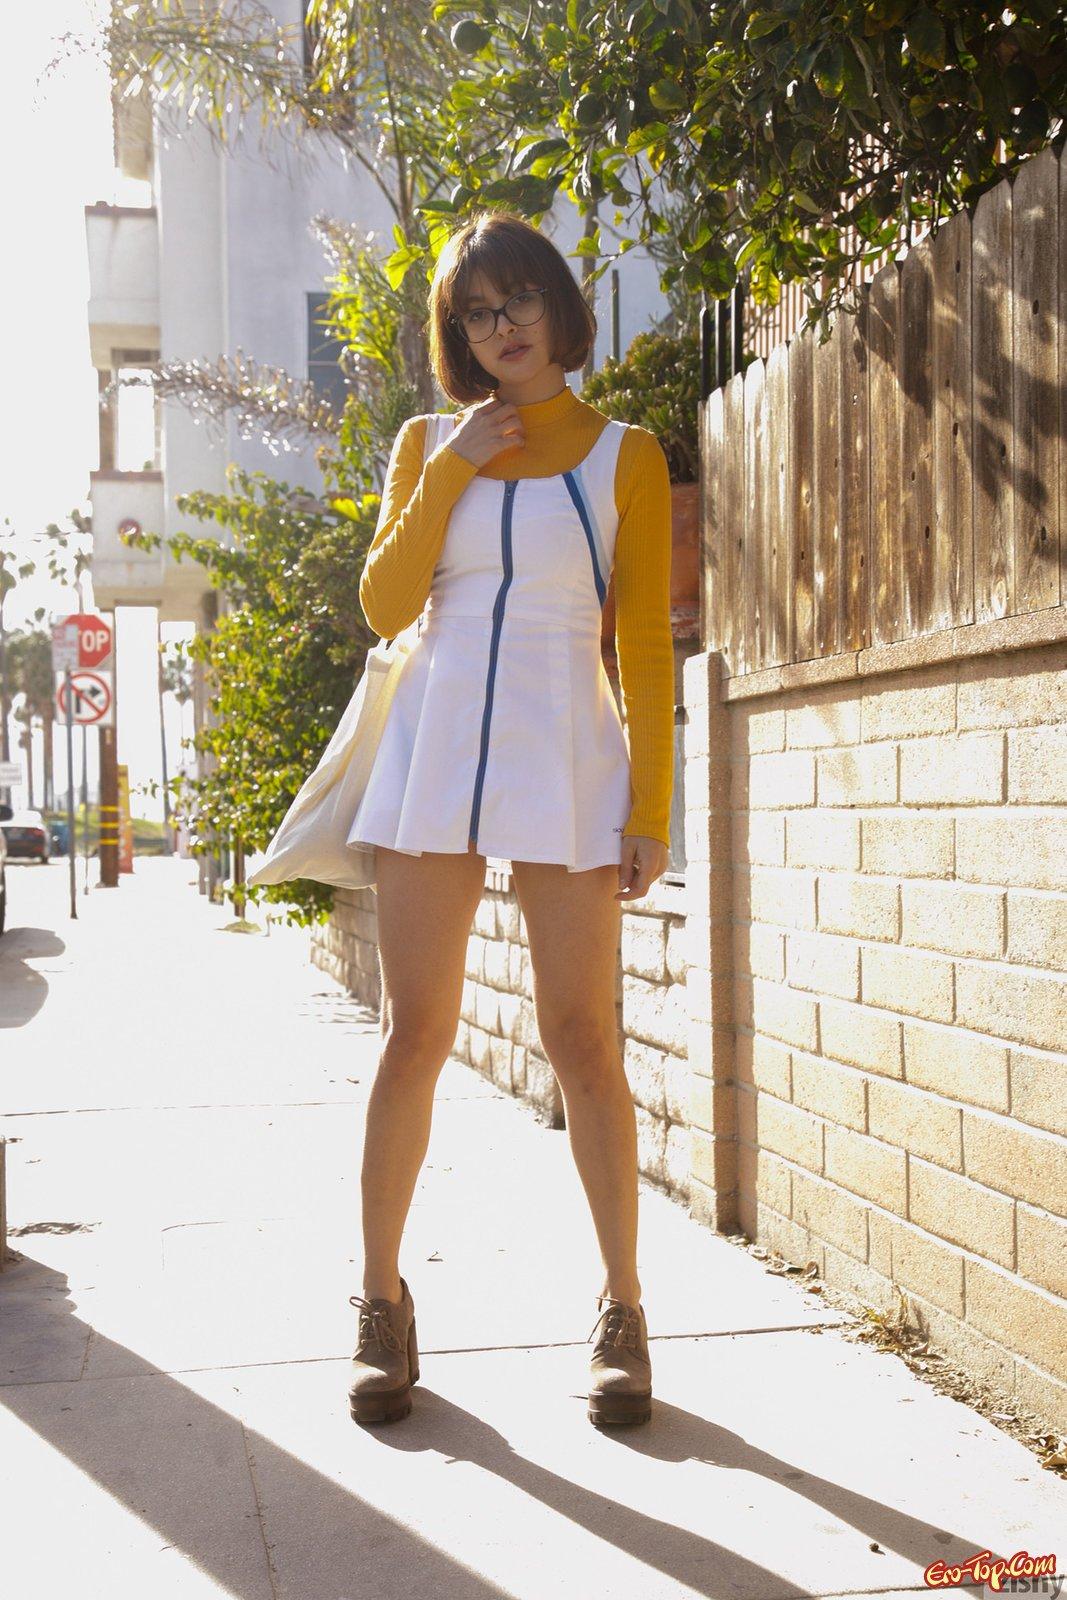 Милаха в коротком платье засвечивает трусики на улице